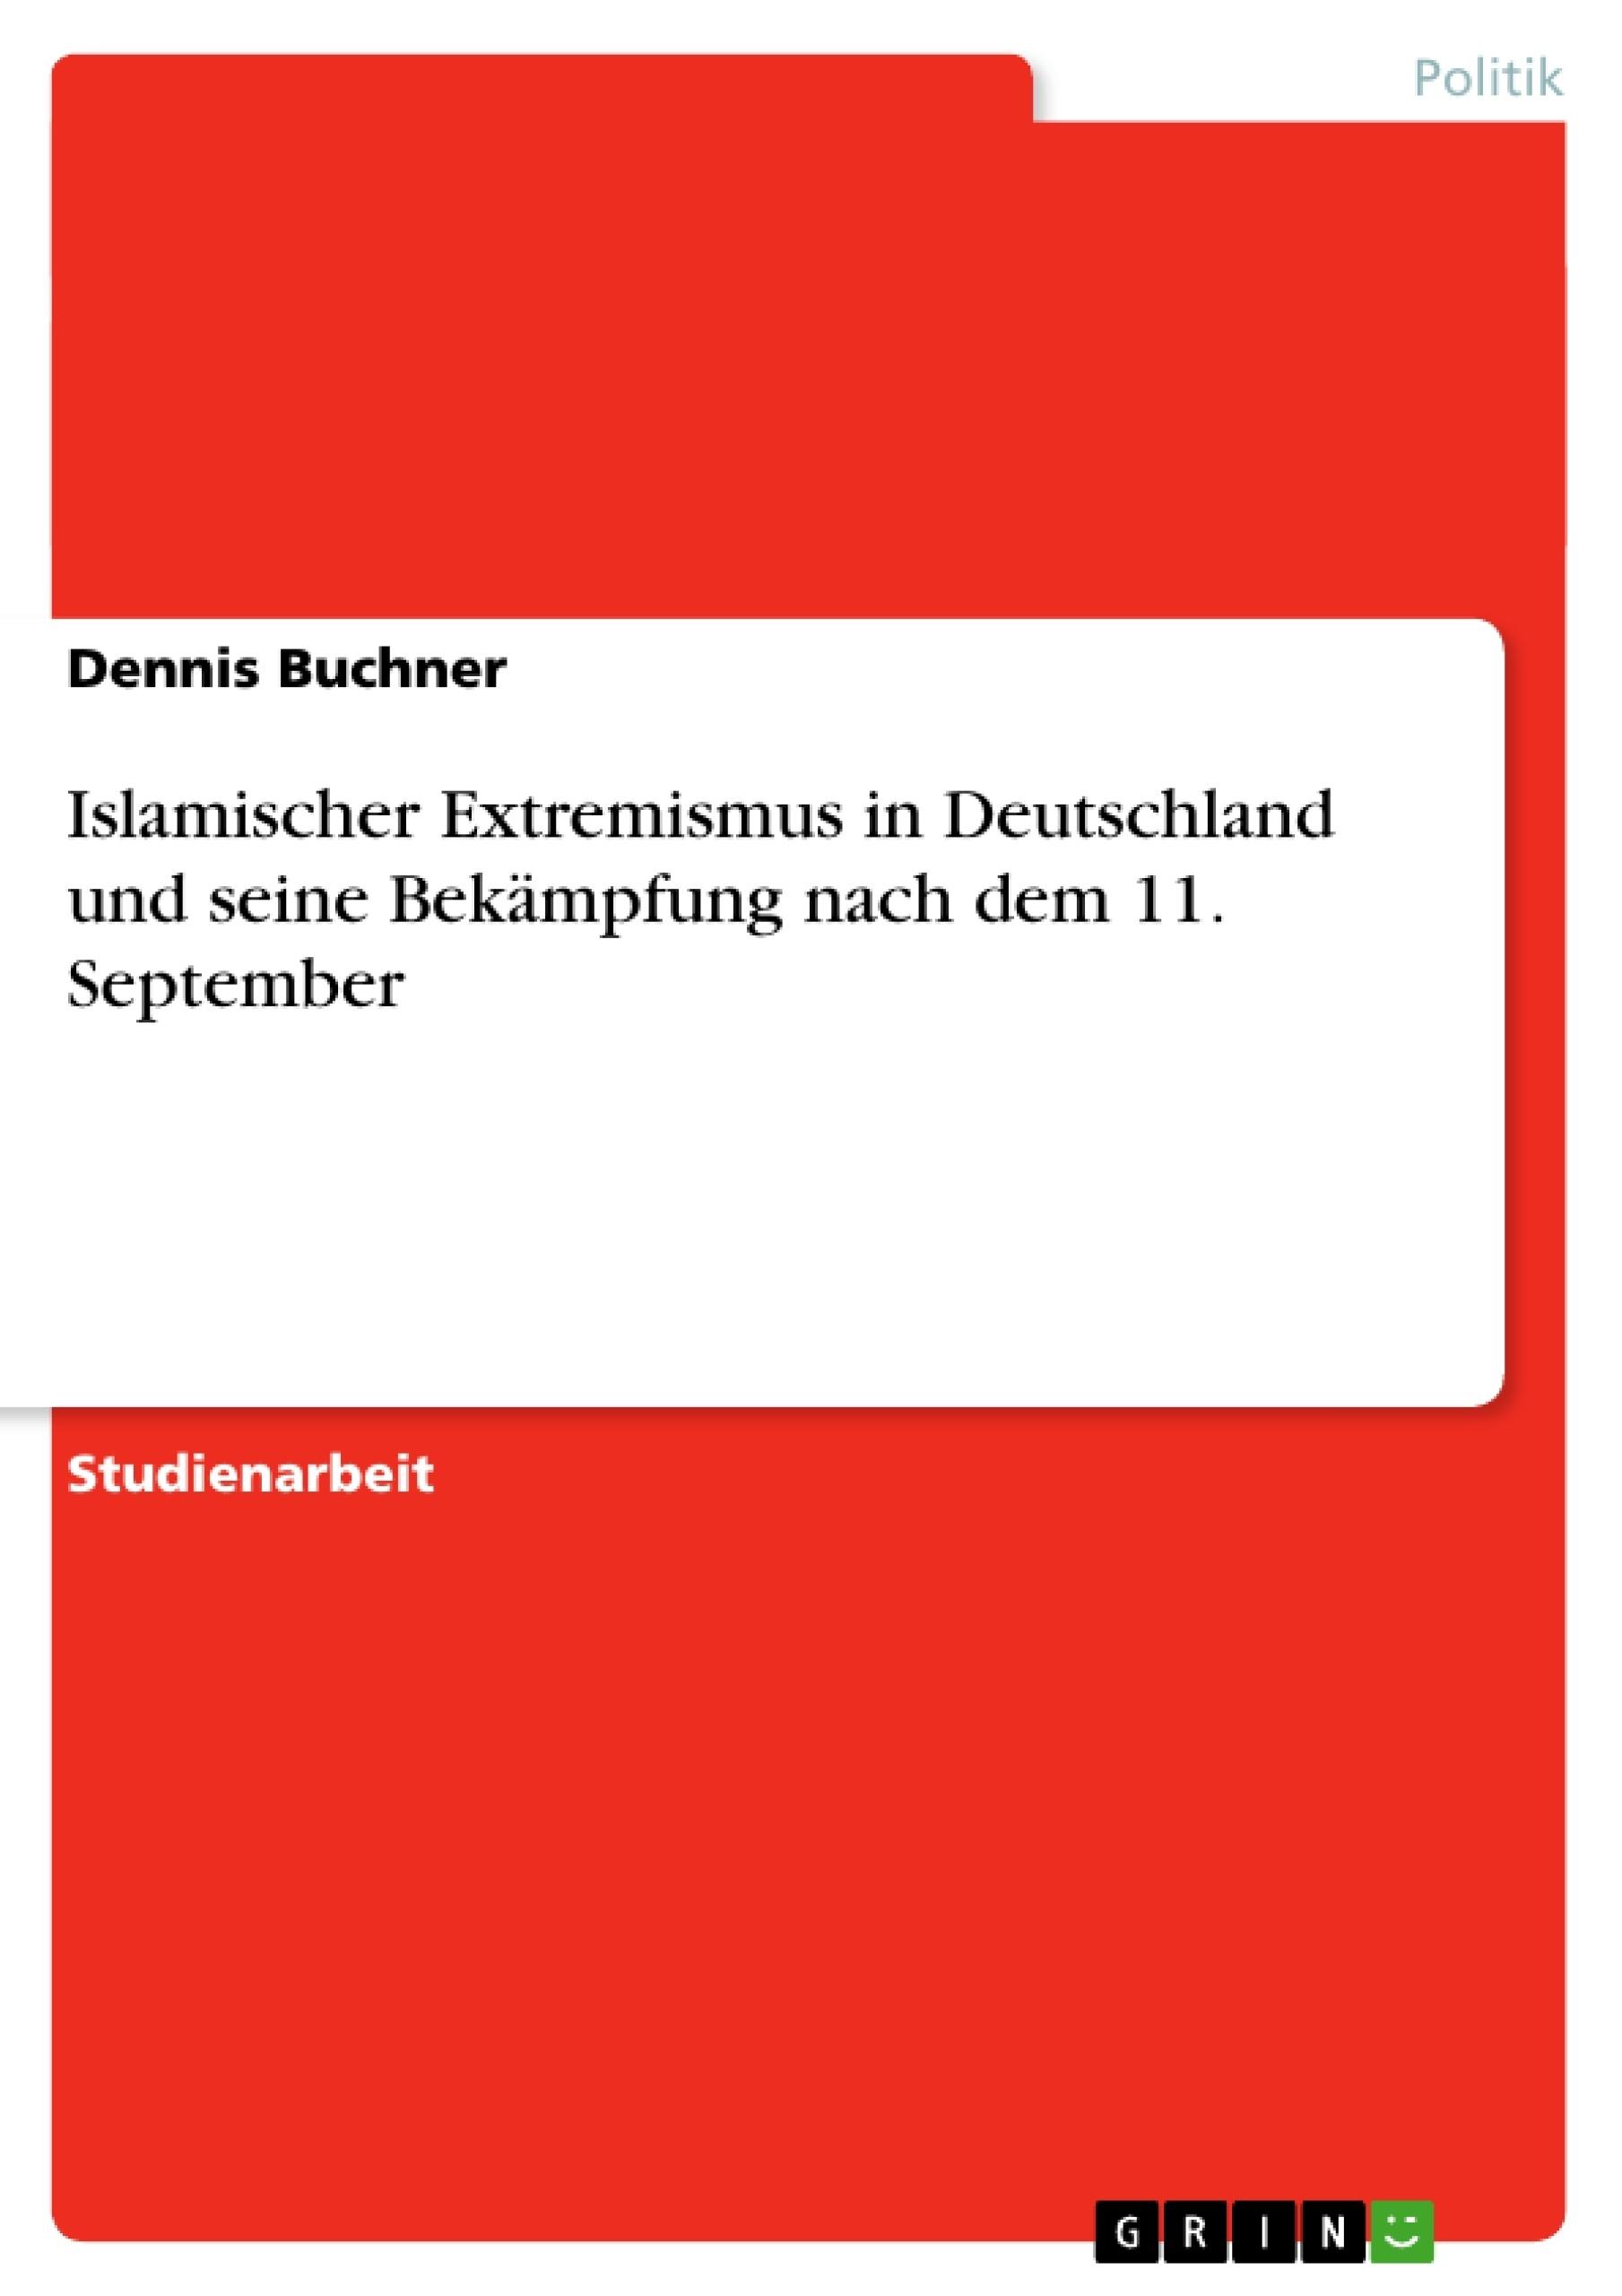 Titel: Islamischer Extremismus in Deutschland und seine Bekämpfung nach dem 11. September